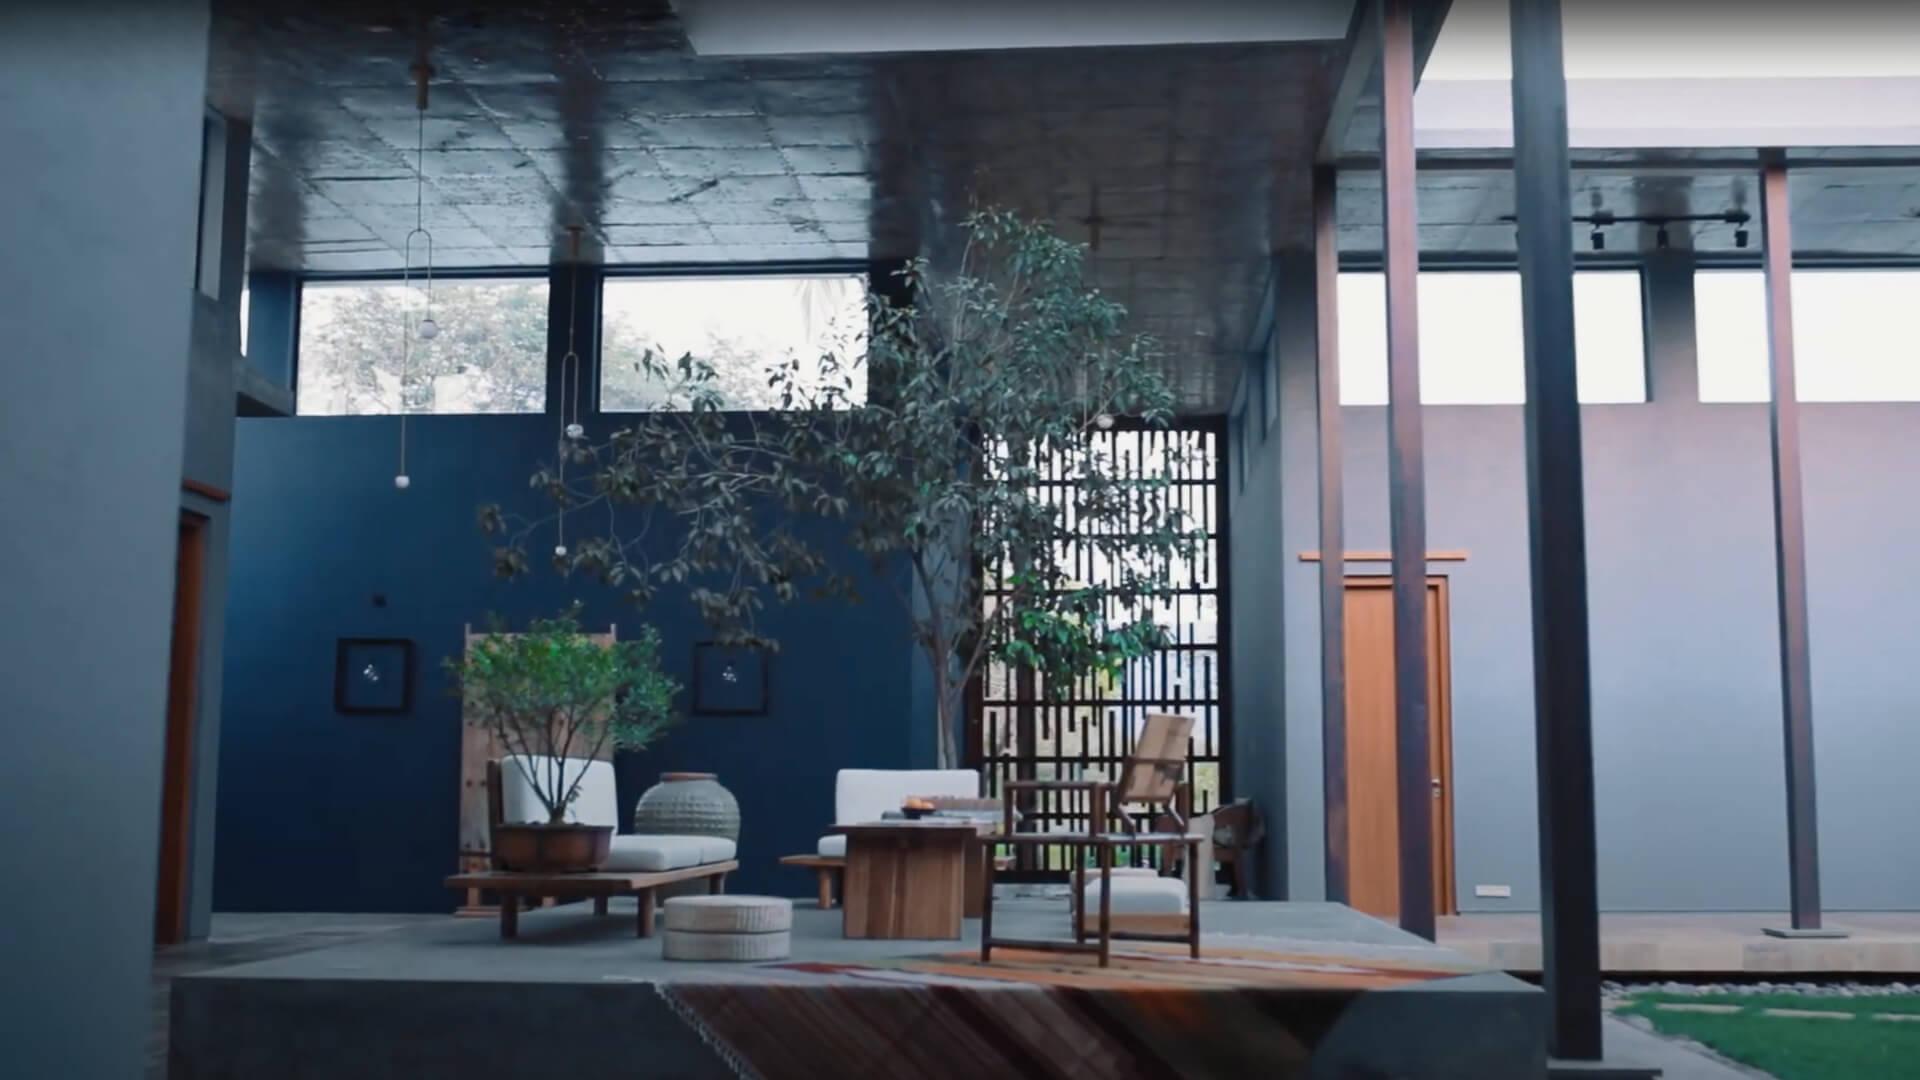 Uminoya – Weekend home in Alibaug by Clay Architecture & Interiors | Uminoya – Weekend home in Alibaug | Clay Architecture and Interiors | STIRworld